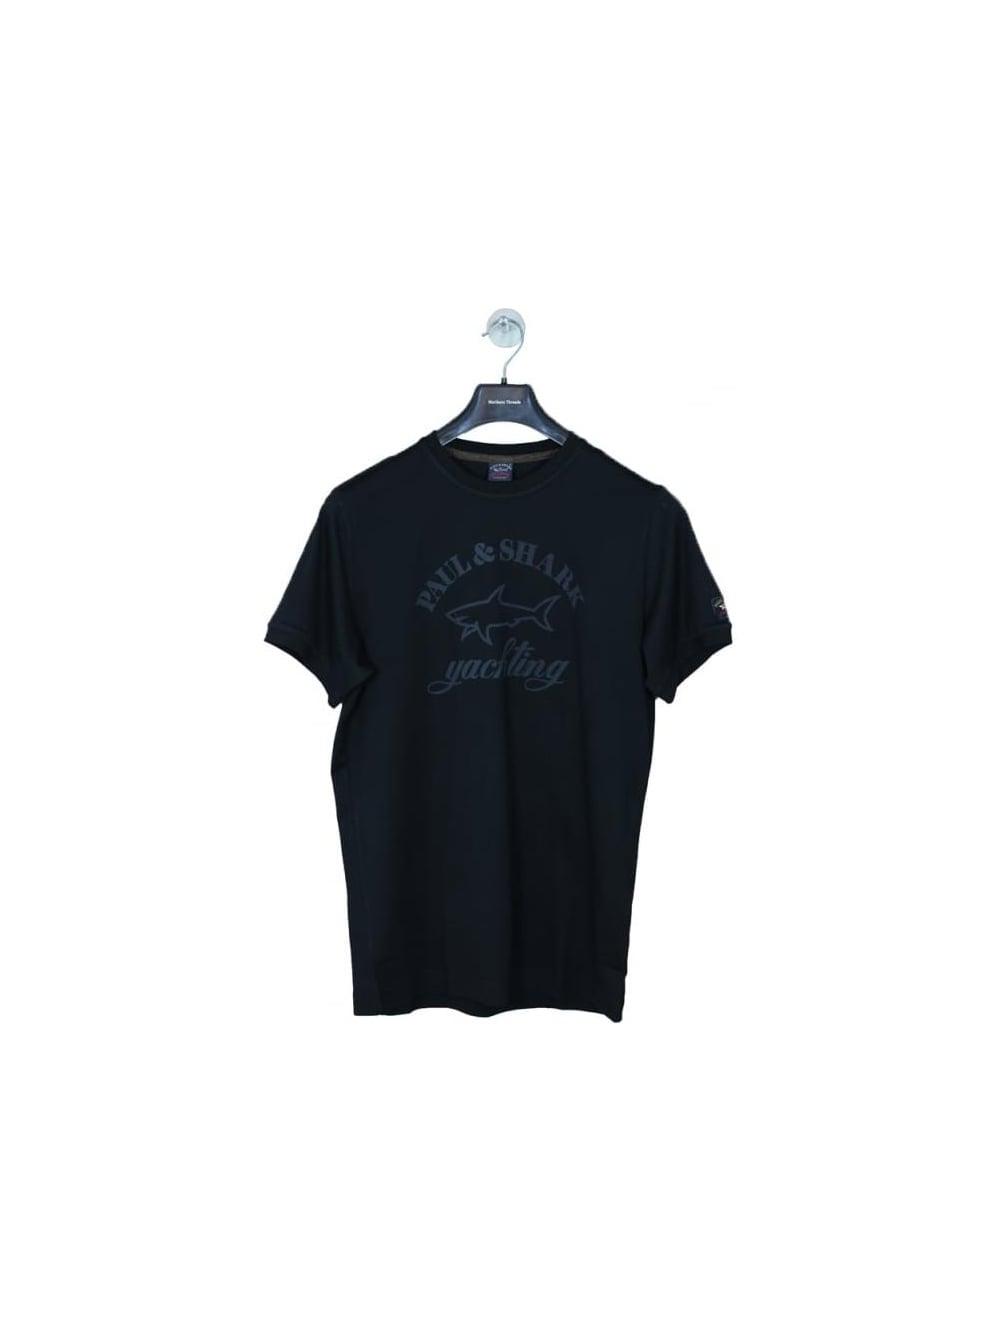 paul shark oversized logo t shirt in black northern. Black Bedroom Furniture Sets. Home Design Ideas